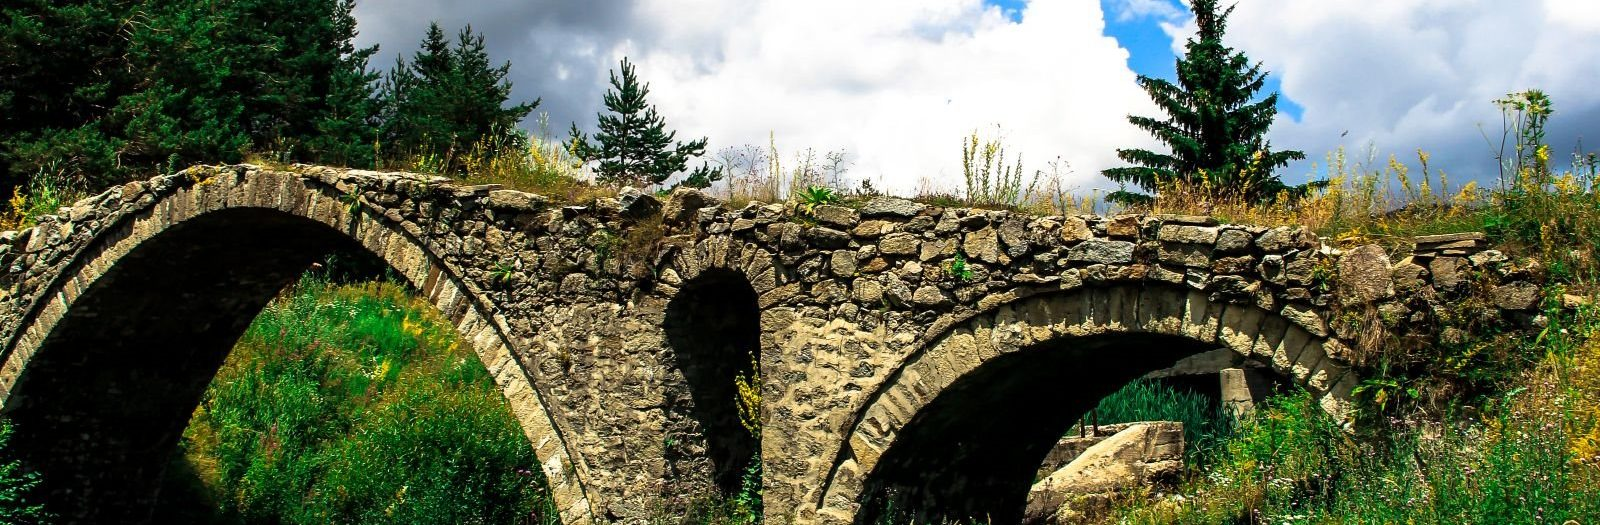 Красотата на Родопите - римски мост Кемера - село Змеица